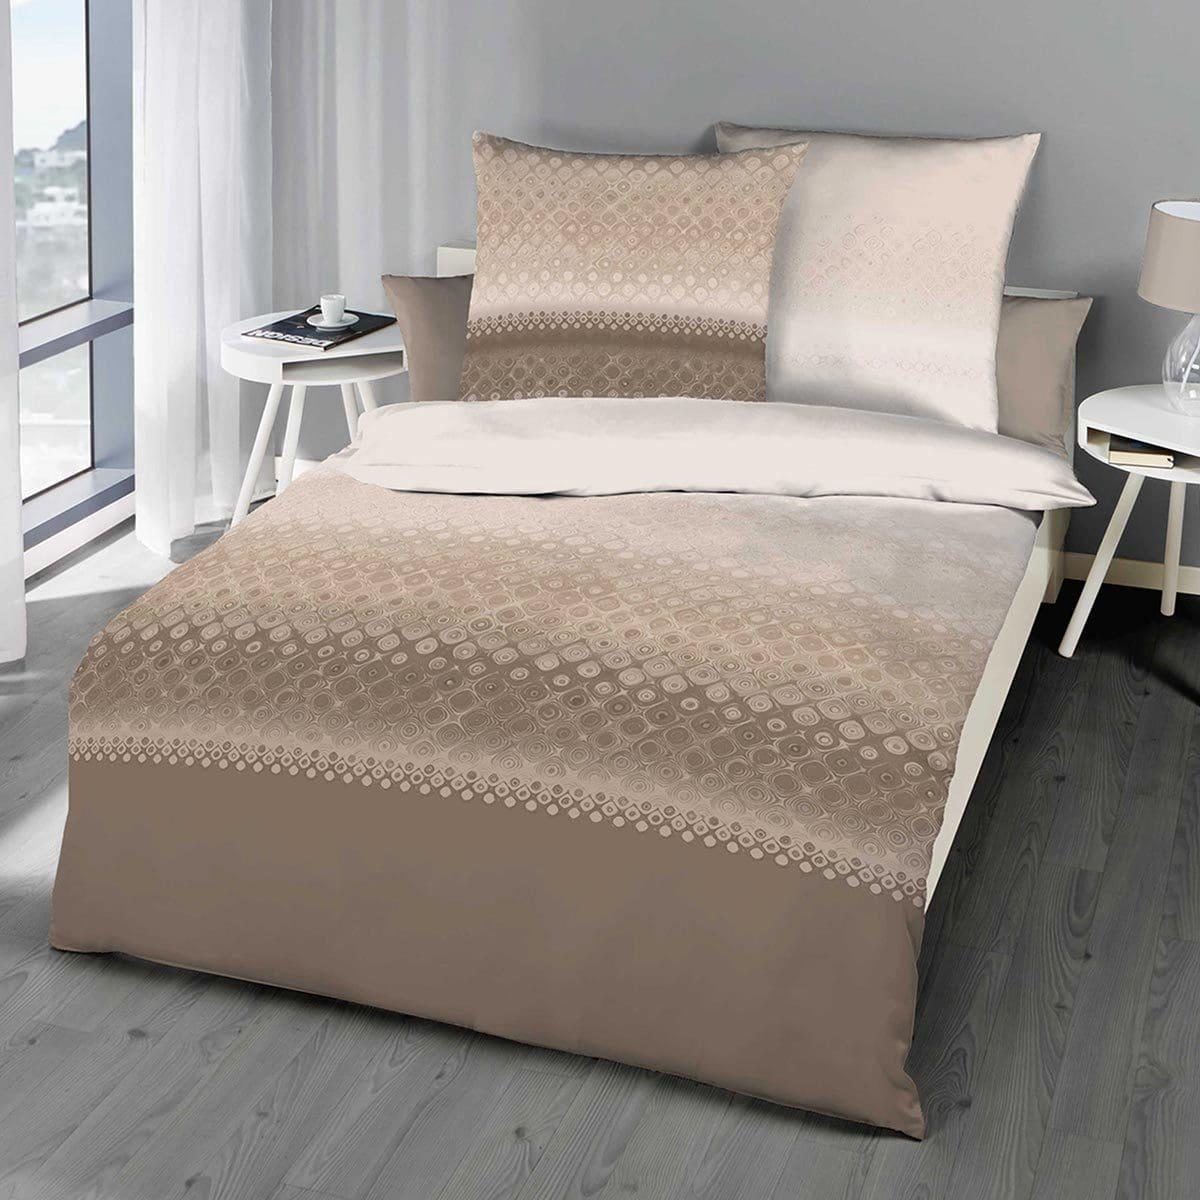 kaeppel biber wendebettw sche fluent braun g nstig online kaufen bei bettwaren shop. Black Bedroom Furniture Sets. Home Design Ideas